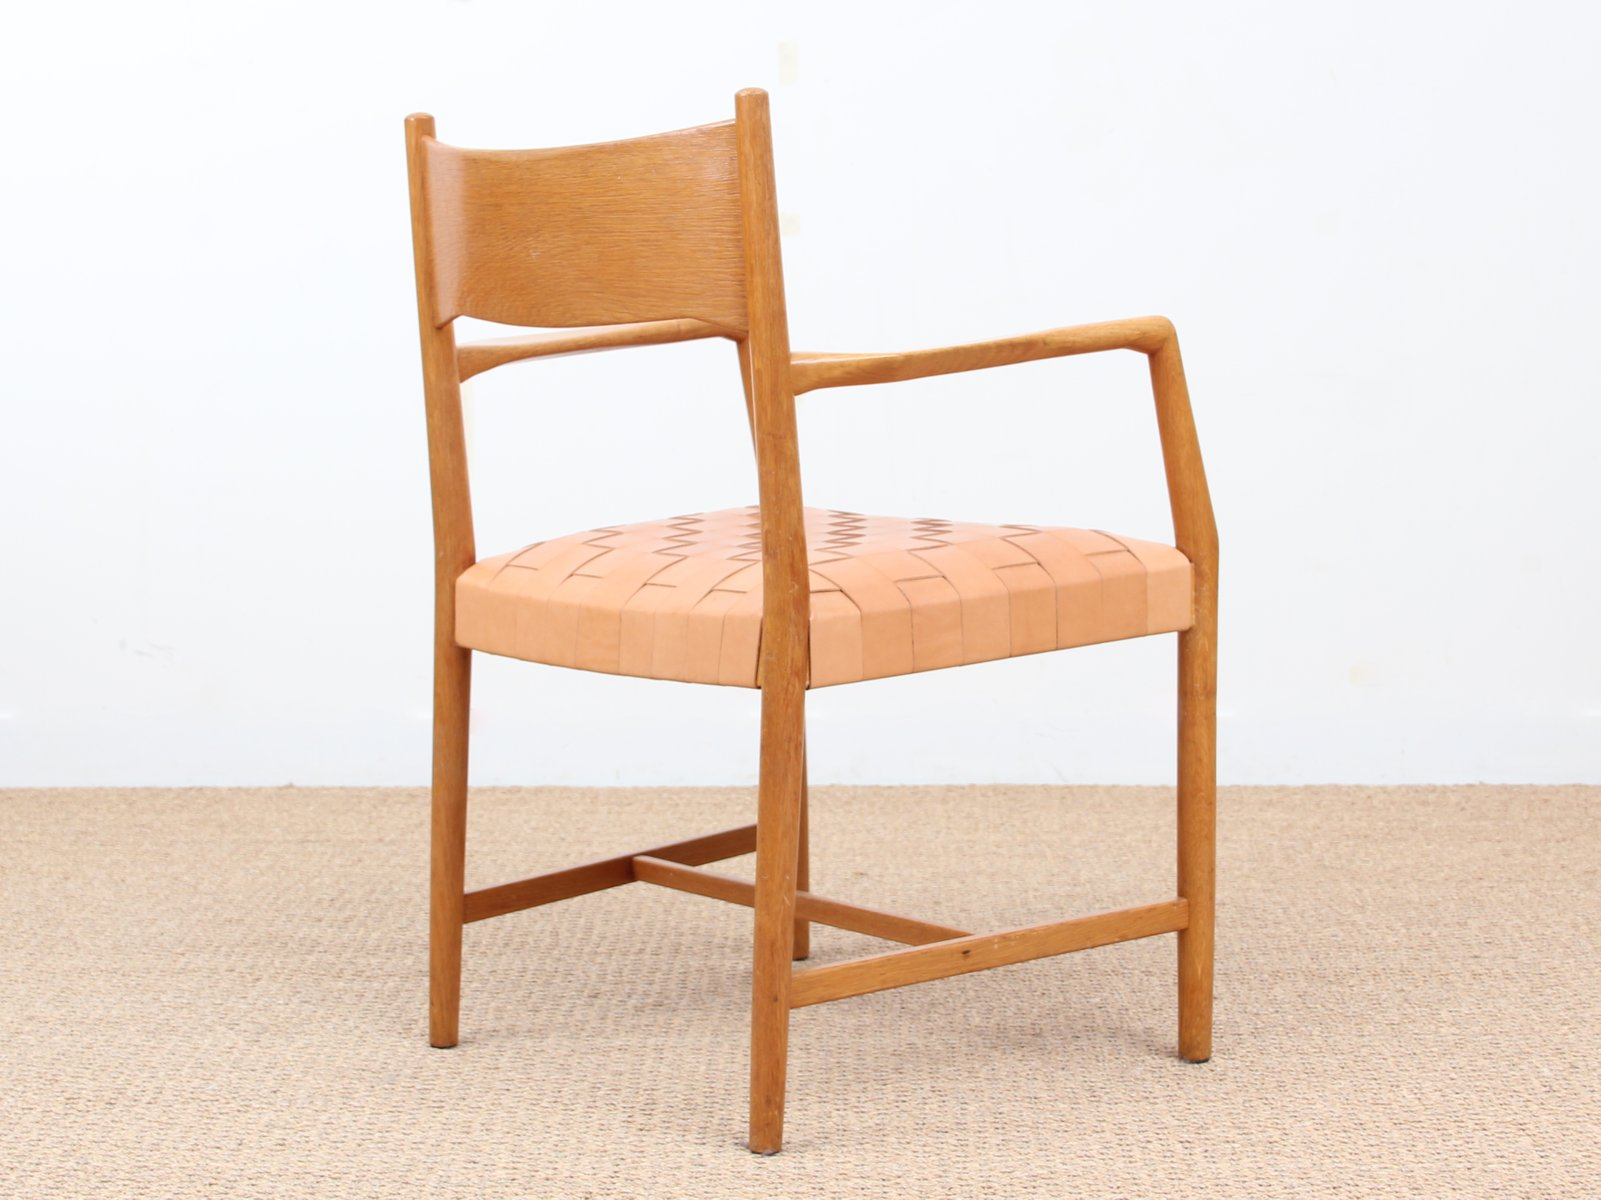 fauteuil rhus city hall par hans wegner pour planm bler. Black Bedroom Furniture Sets. Home Design Ideas